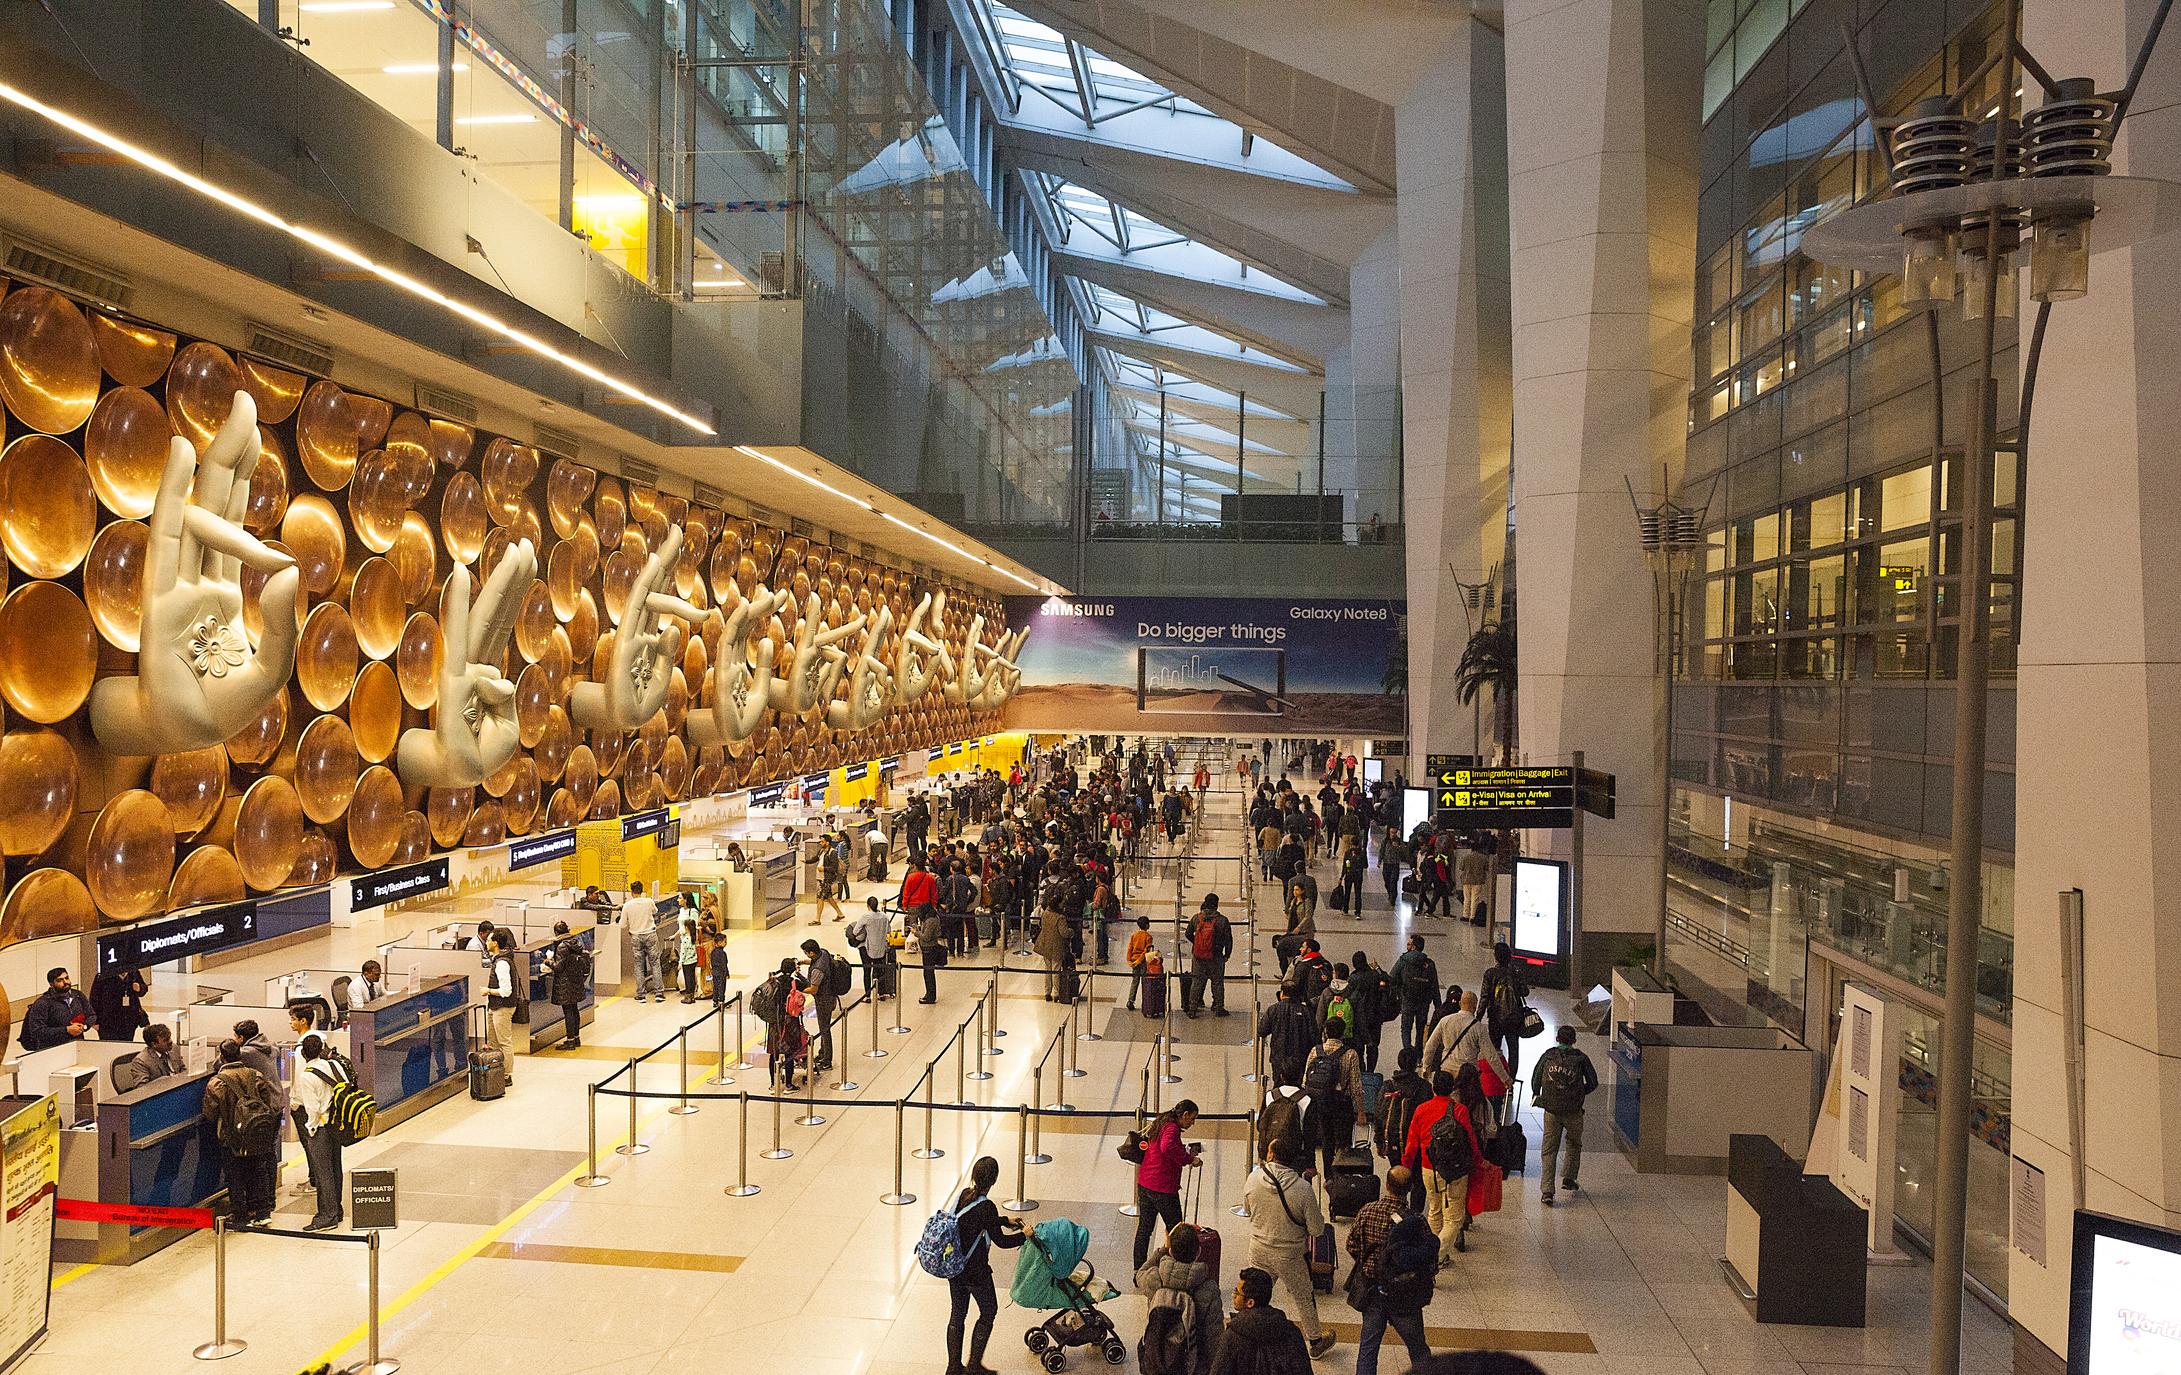 IGI airport Terminal 3.